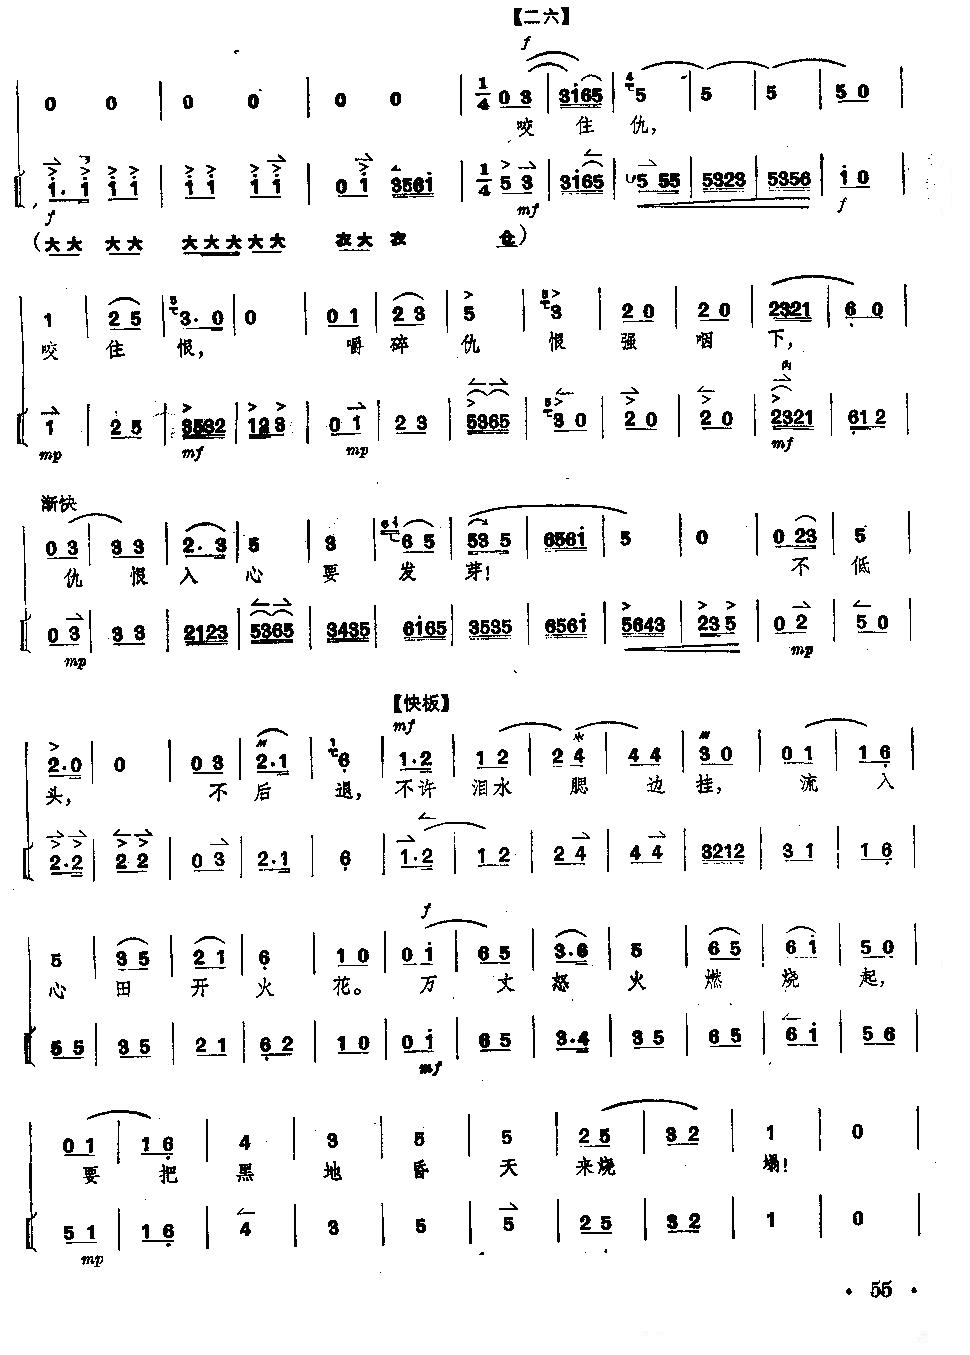 京剧 红灯记 全剧 唱谱 琴谱 第51 55页